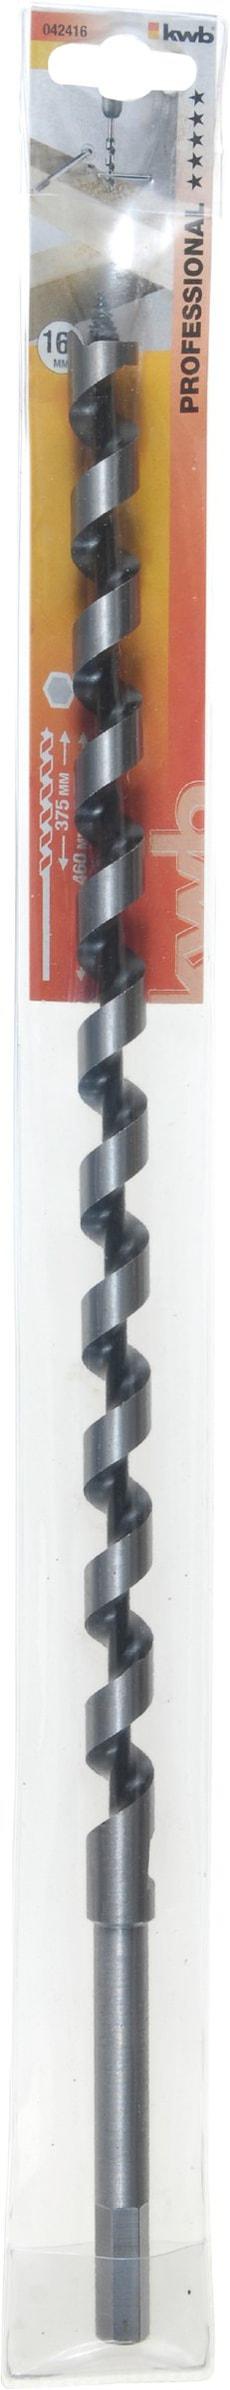 Mèches à spirale unique, 460 mm, ø 16 mm